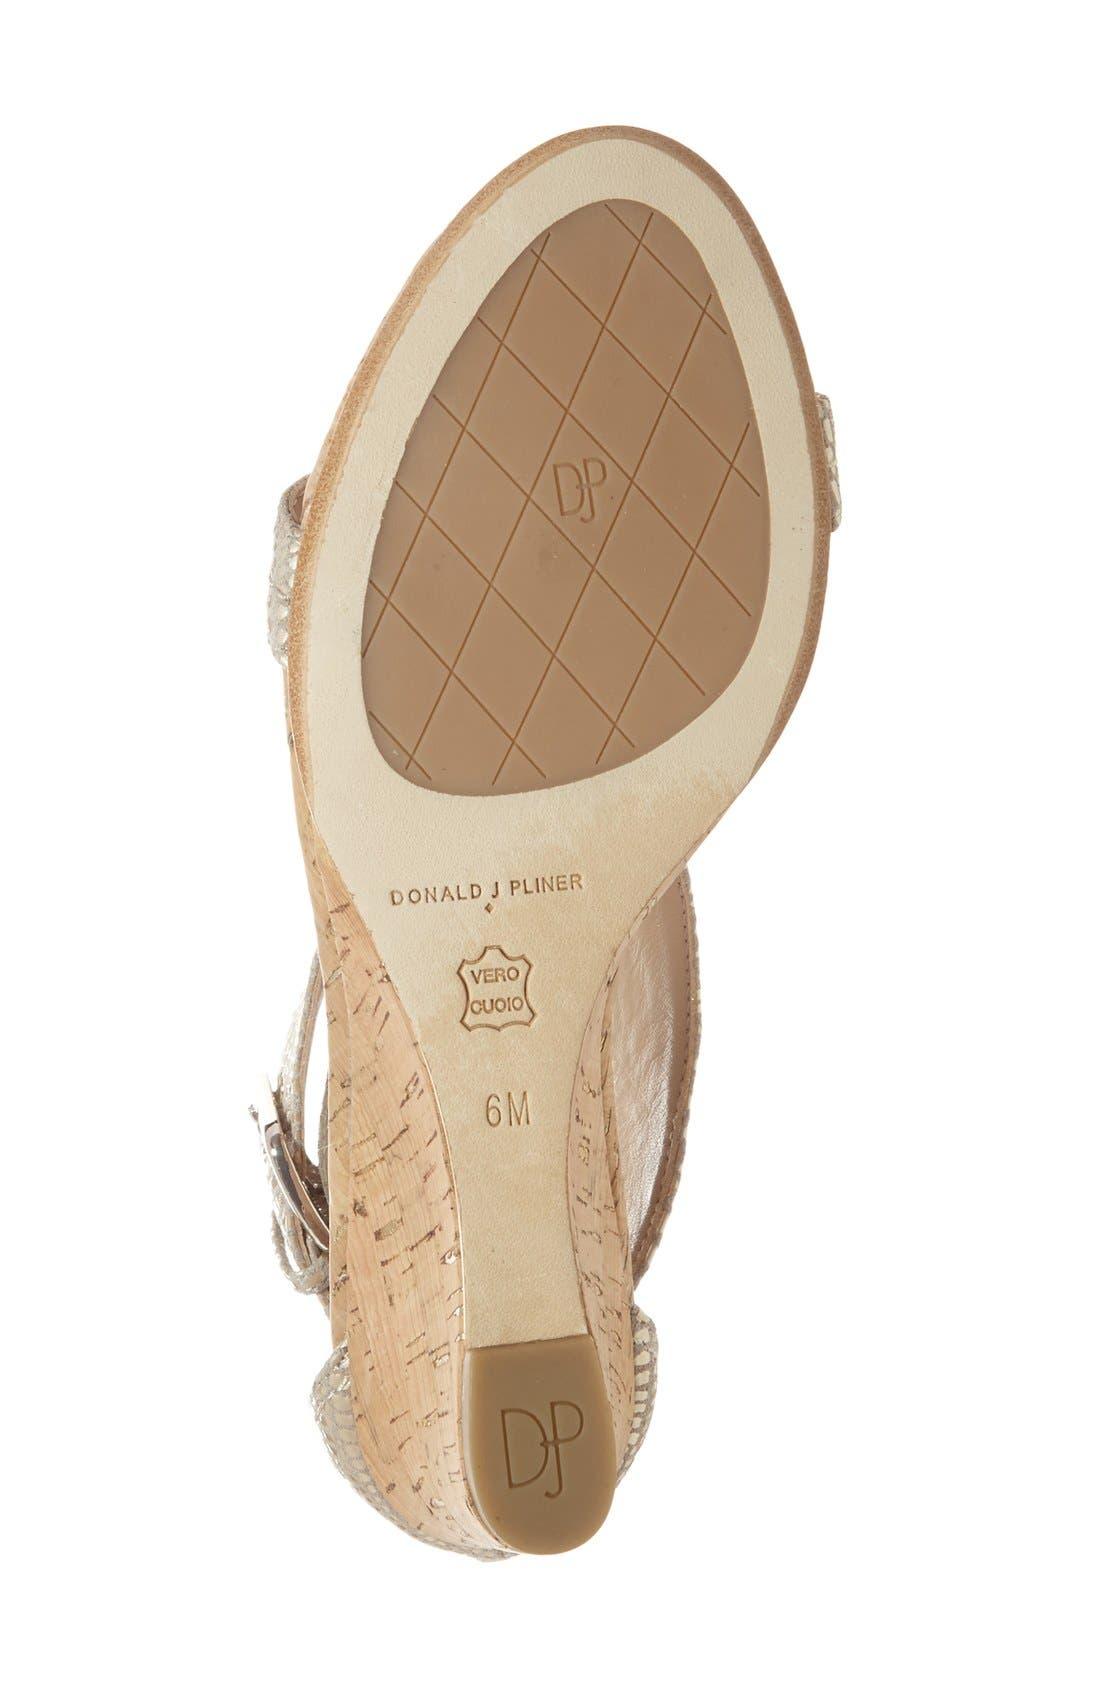 Alternate Image 4  - Donald J Pliner 'June' T-Strap Wedge Sandal (Women)